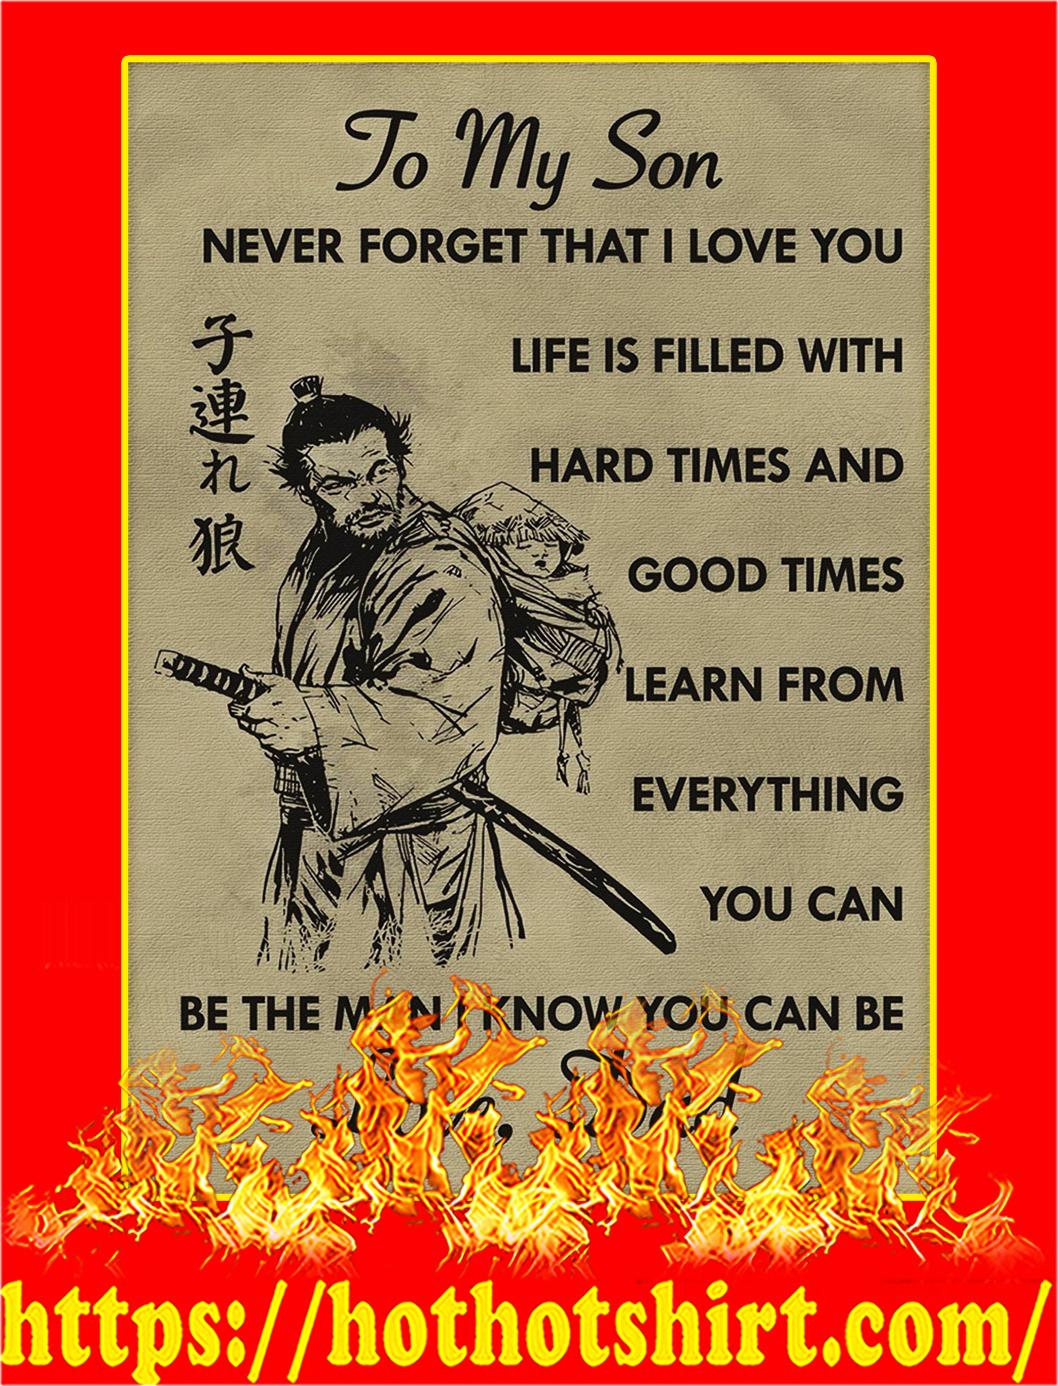 To my son samurai poster - A1